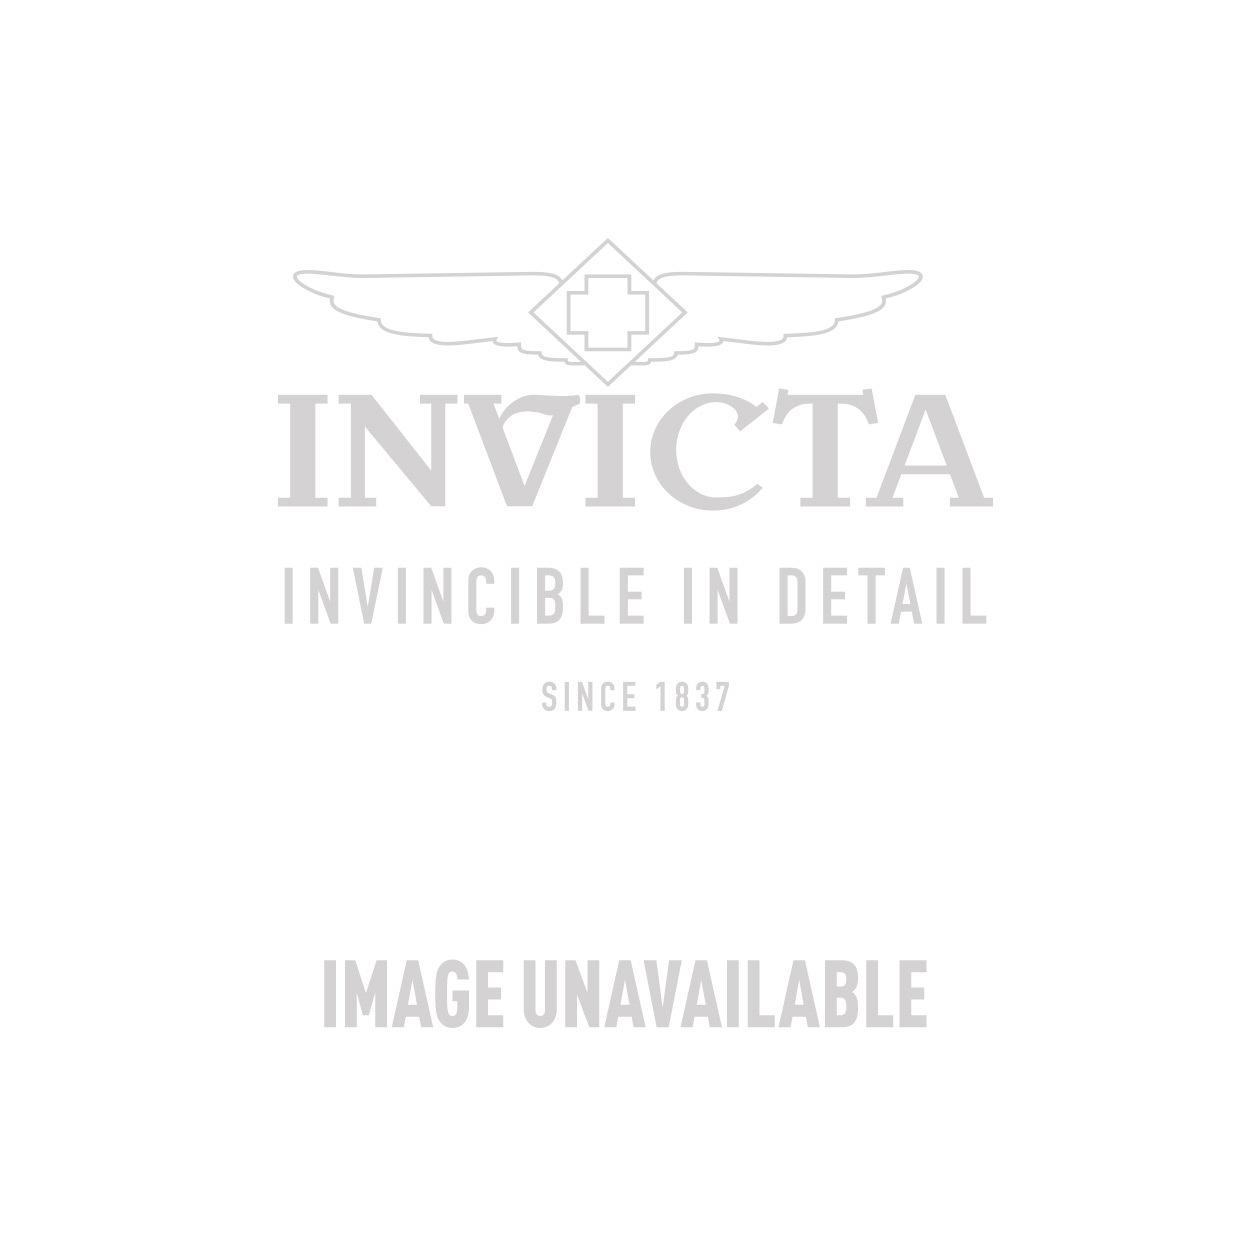 Invicta Model 28097